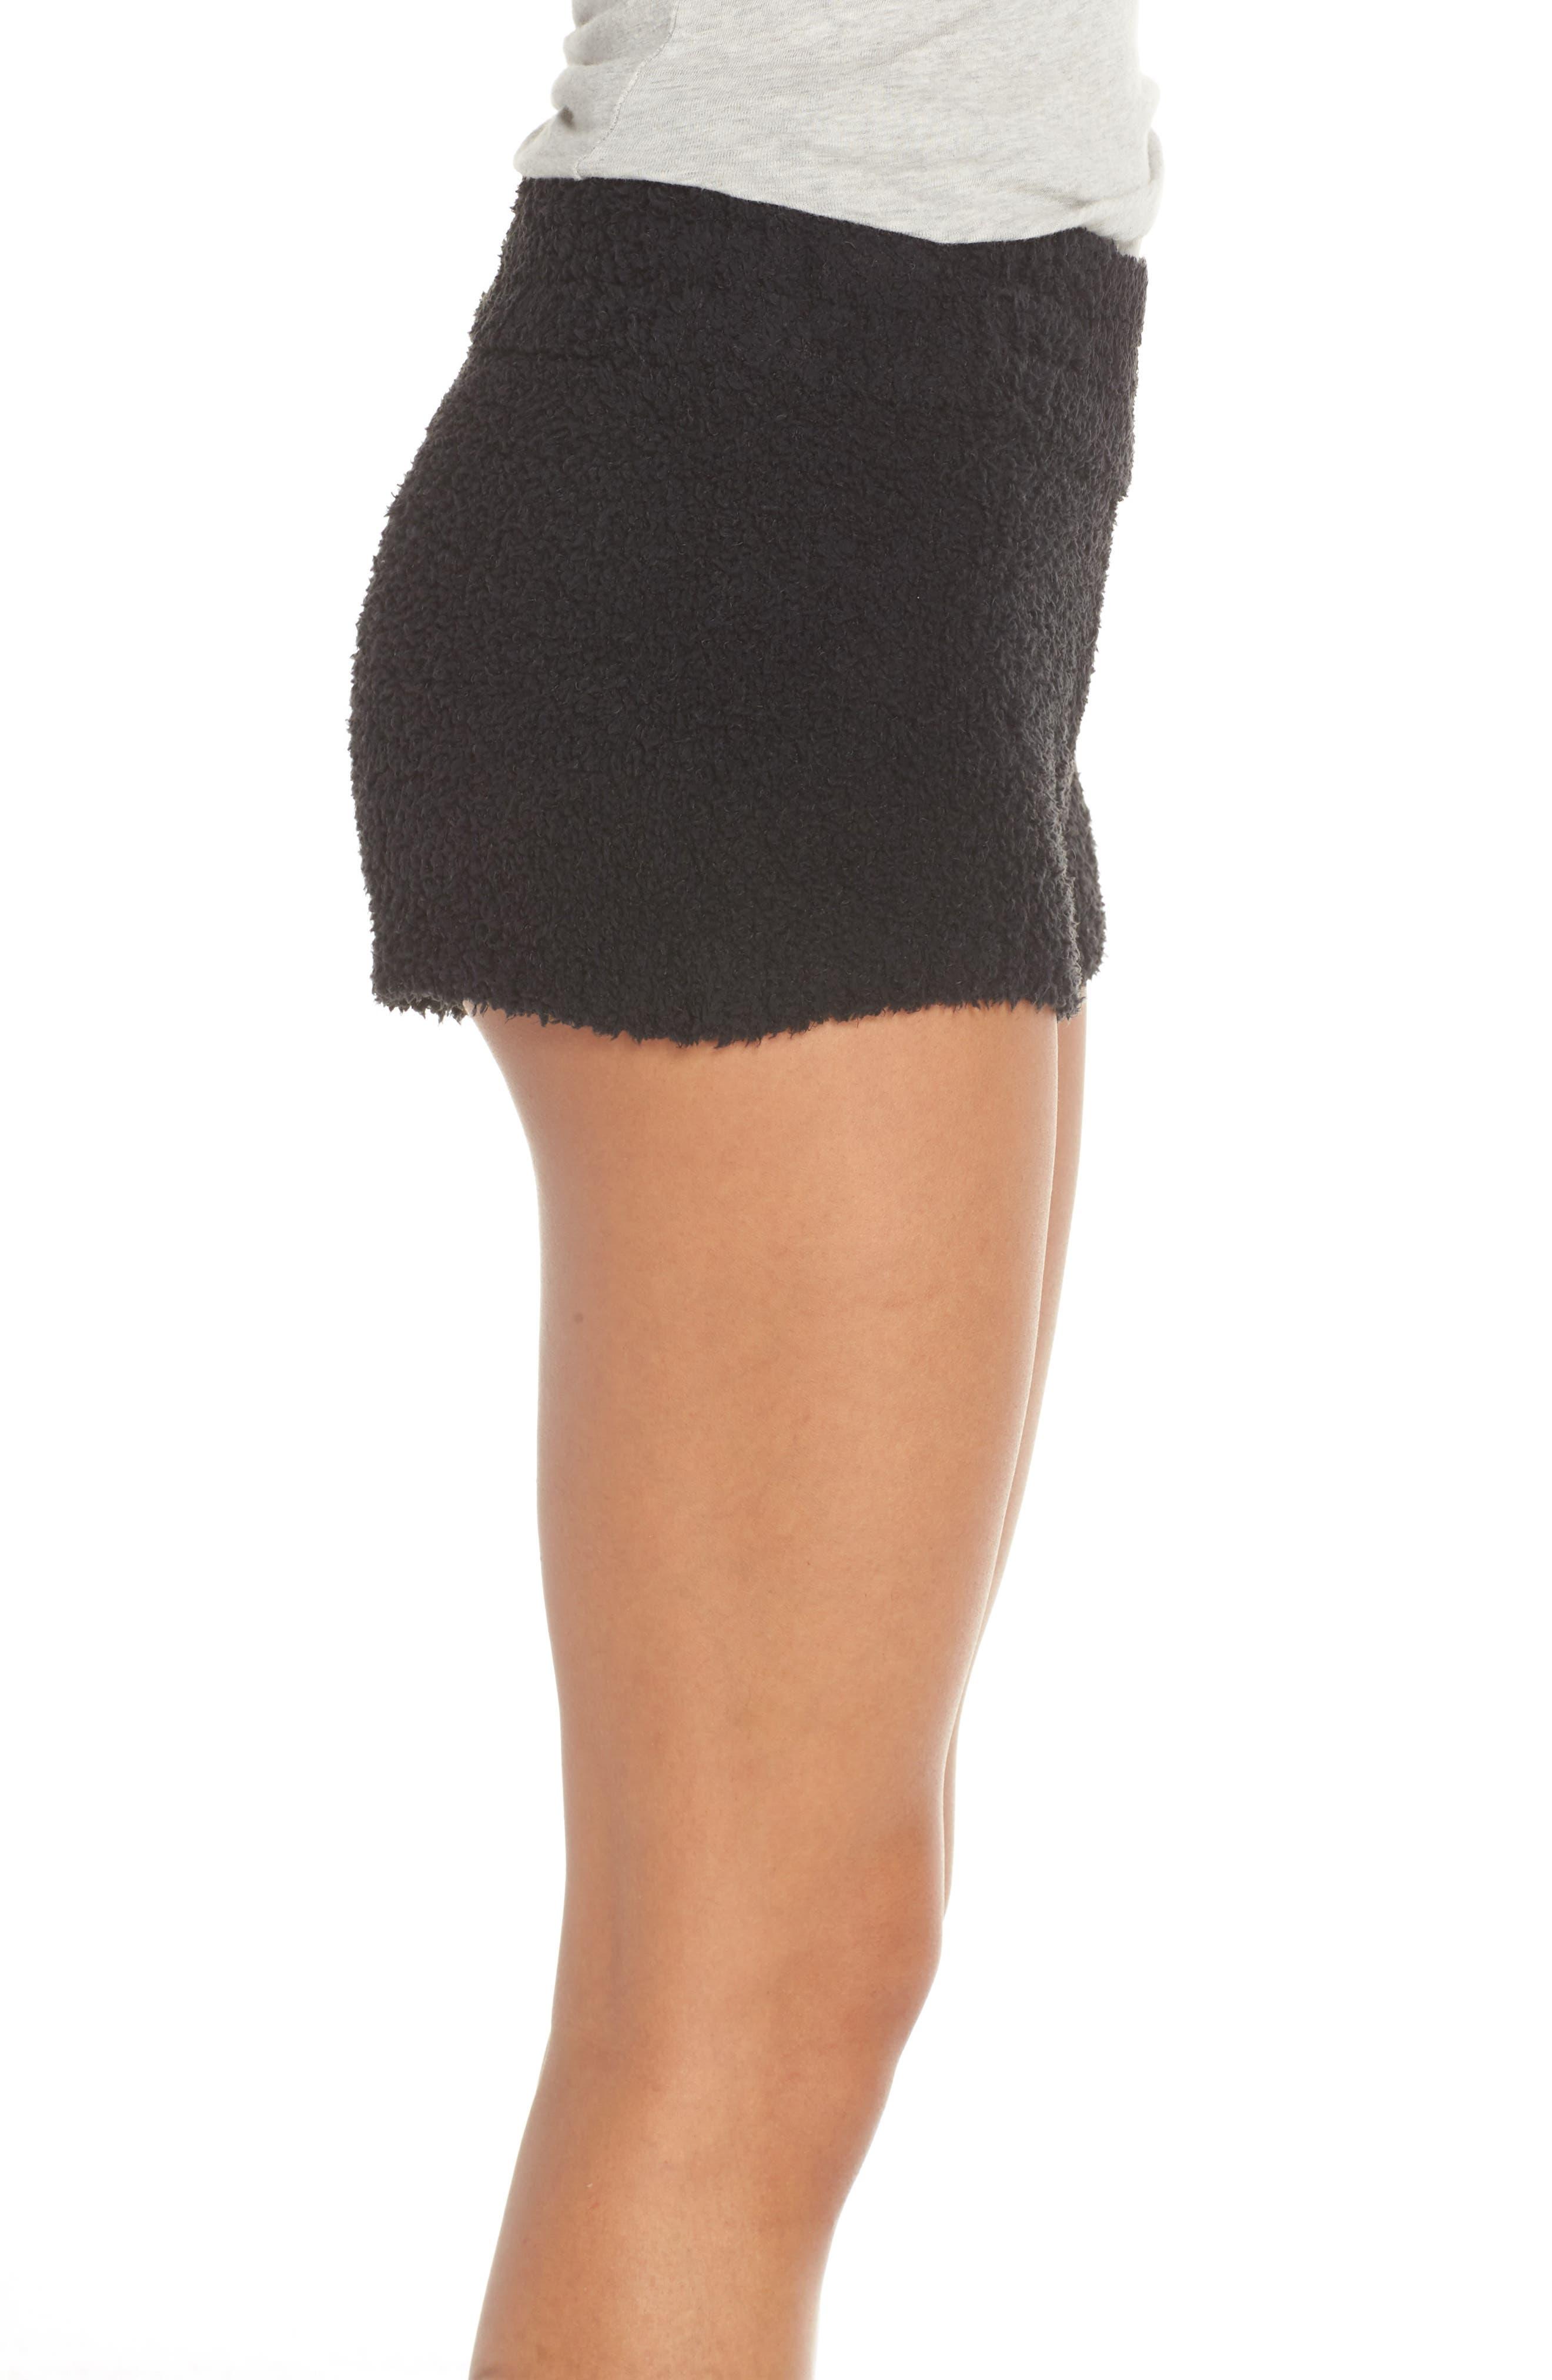 Shilo Shorts,                             Alternate thumbnail 3, color,                             BLACK